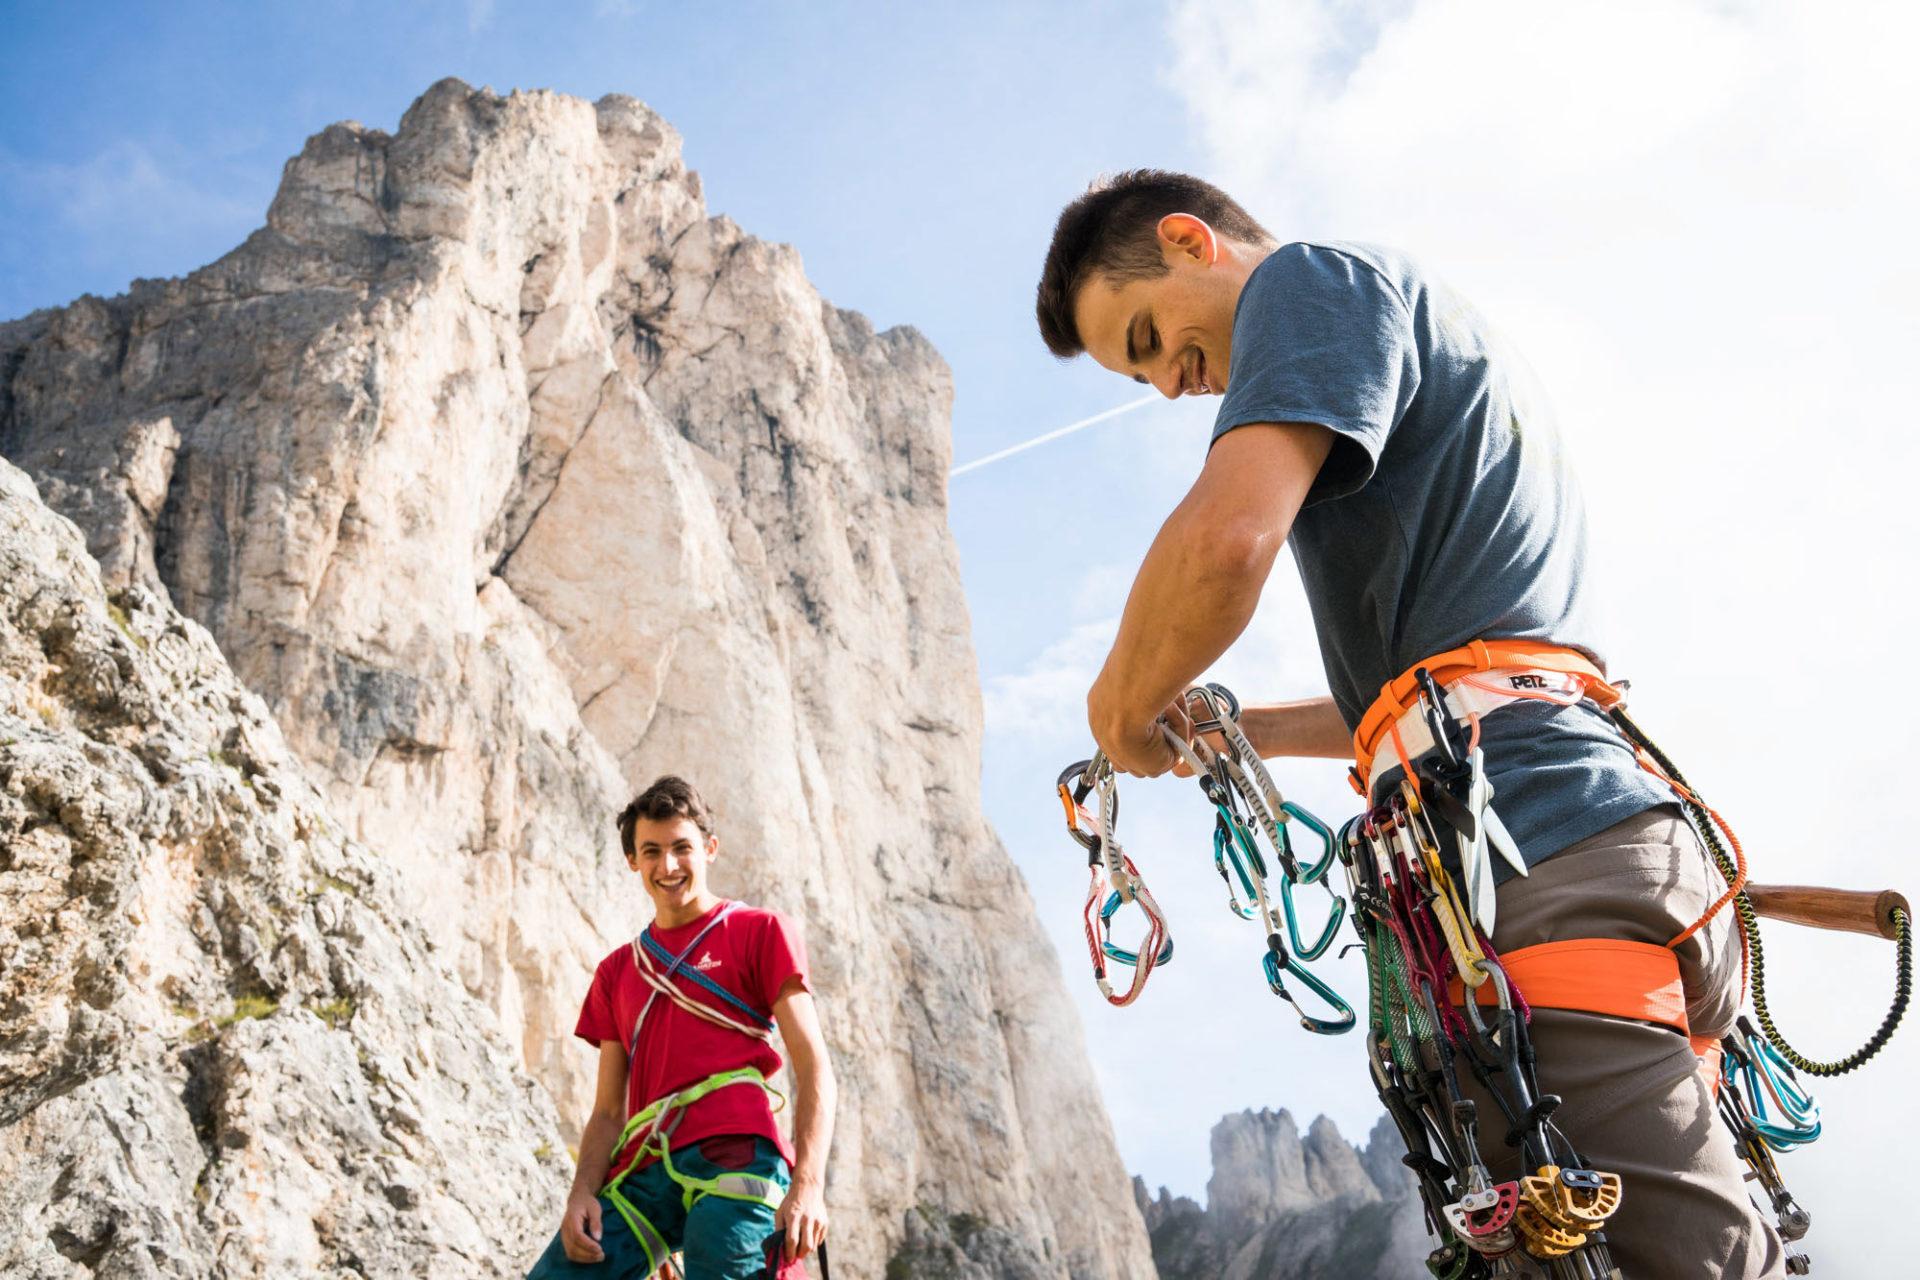 ALPINIST: Vergessene Kletterrouten im Rosengarten